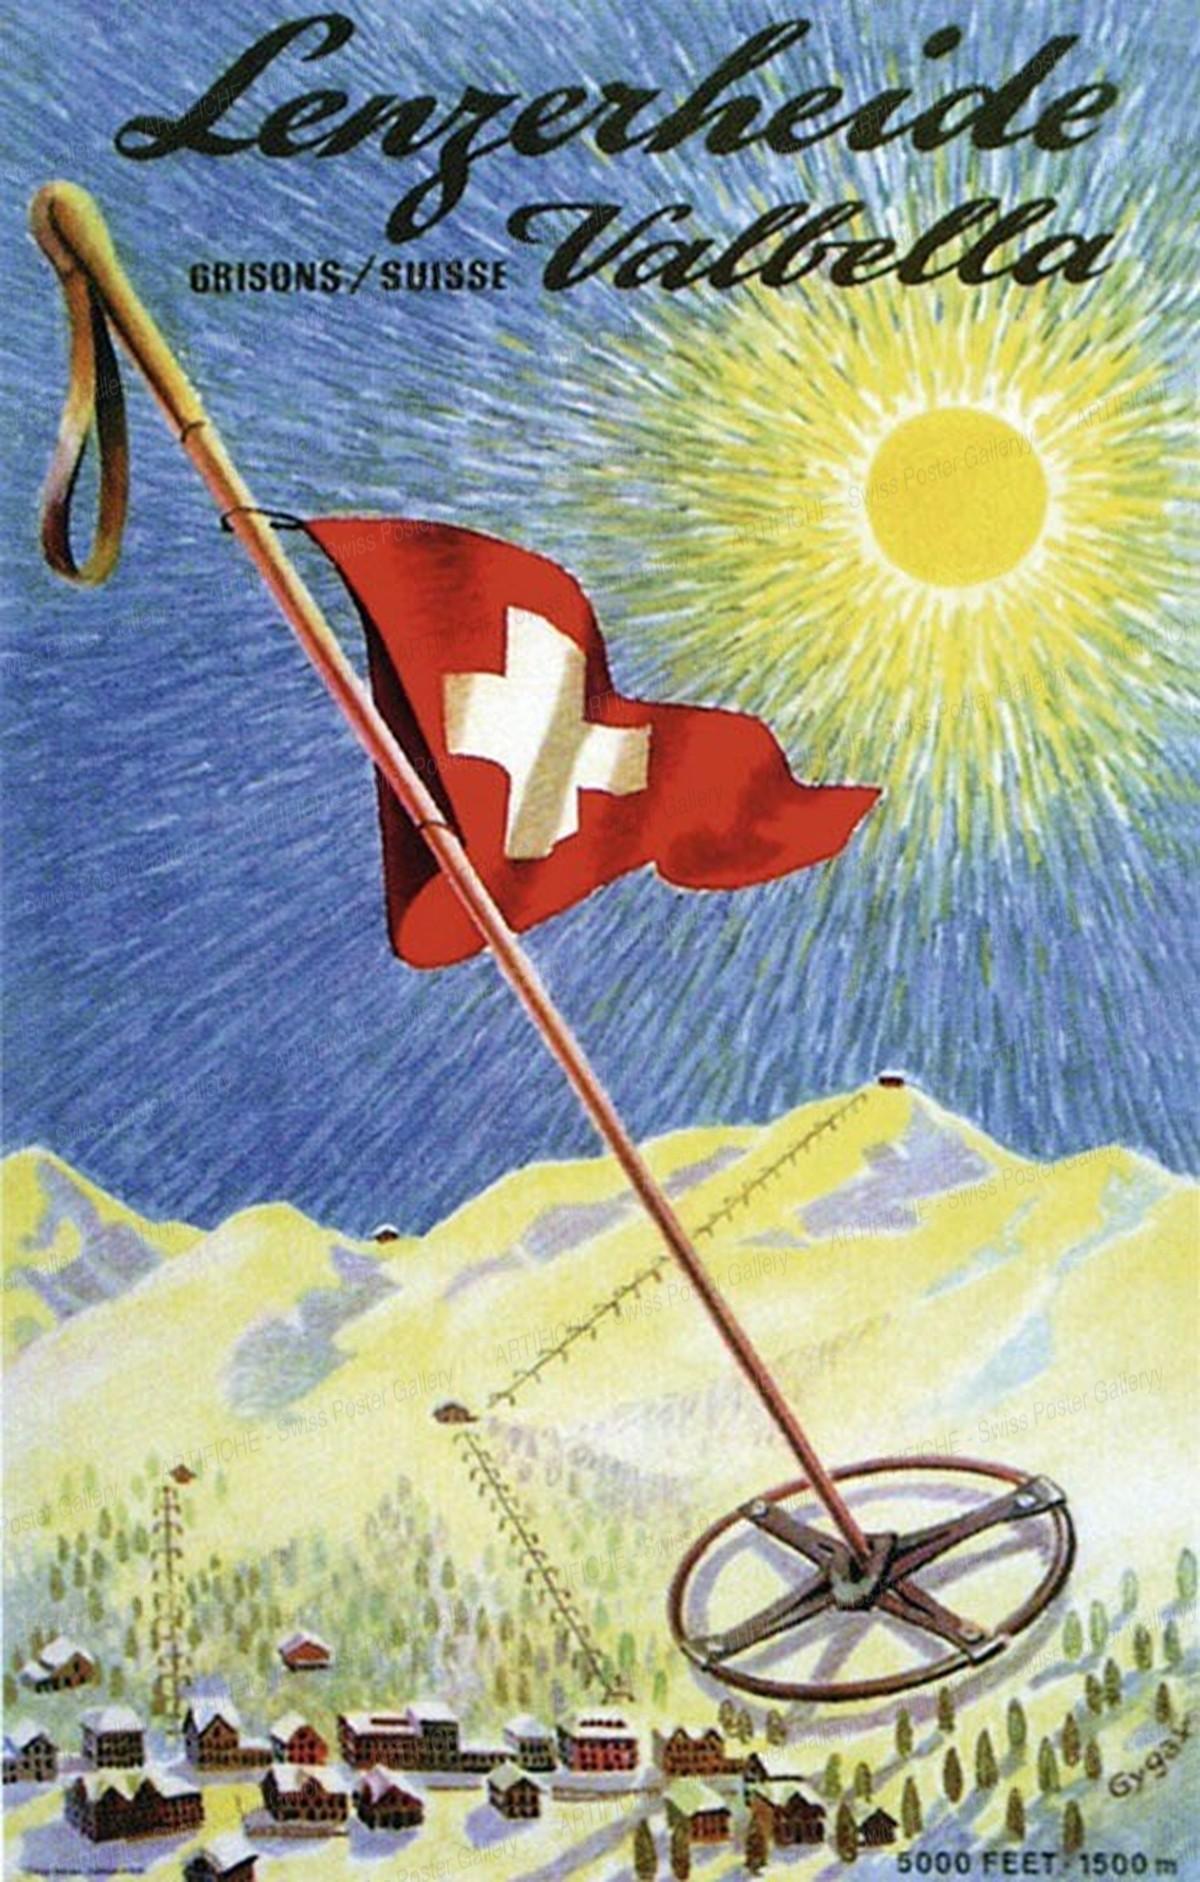 Lenzerheide – Valbella – Grisons / Suisse – 5000 feet. 1500 m., Franz Gygax